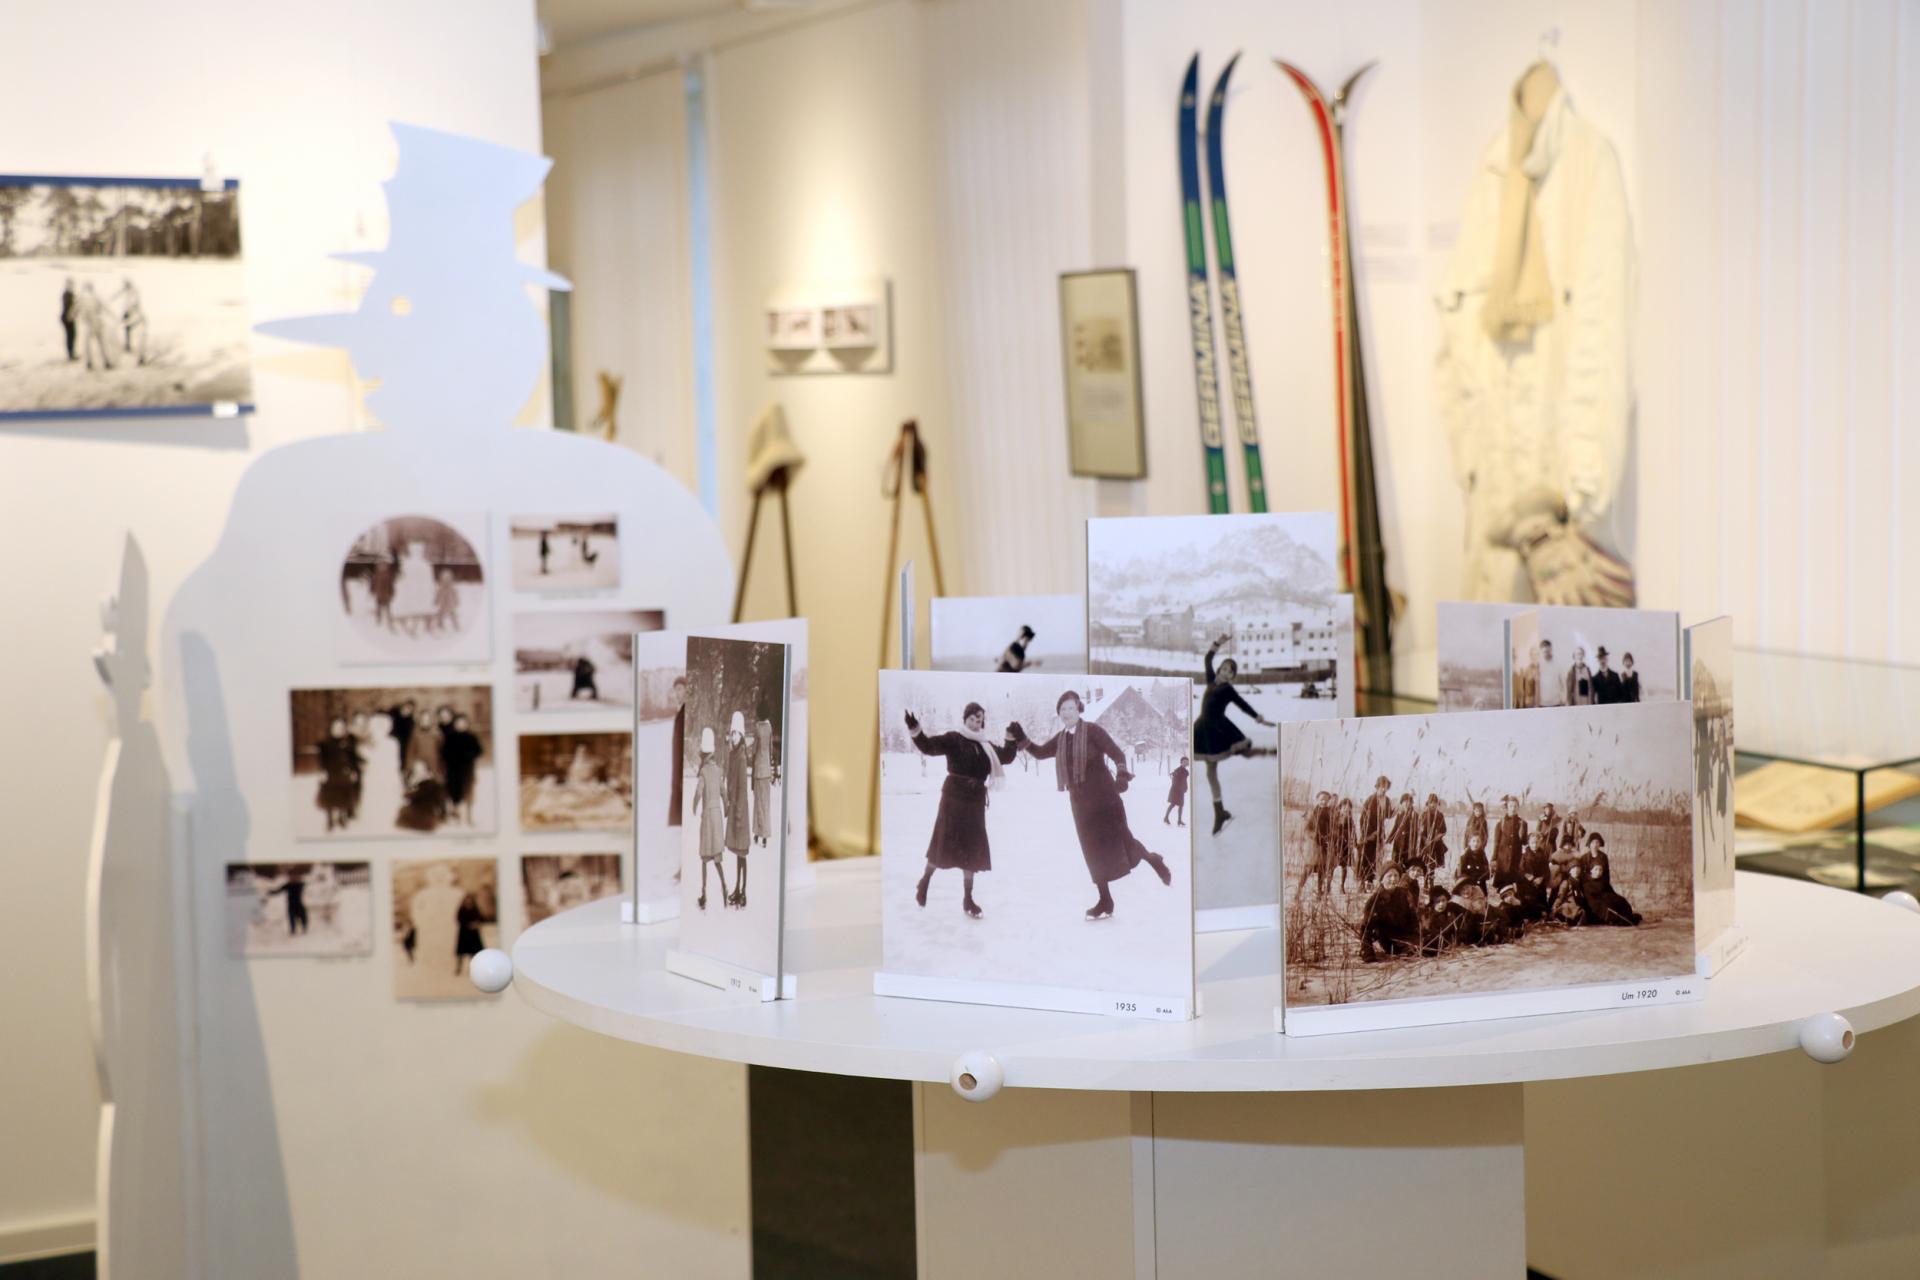 Winter-Weihnachts Zeit - Blick in den Ausstellungsraum 2